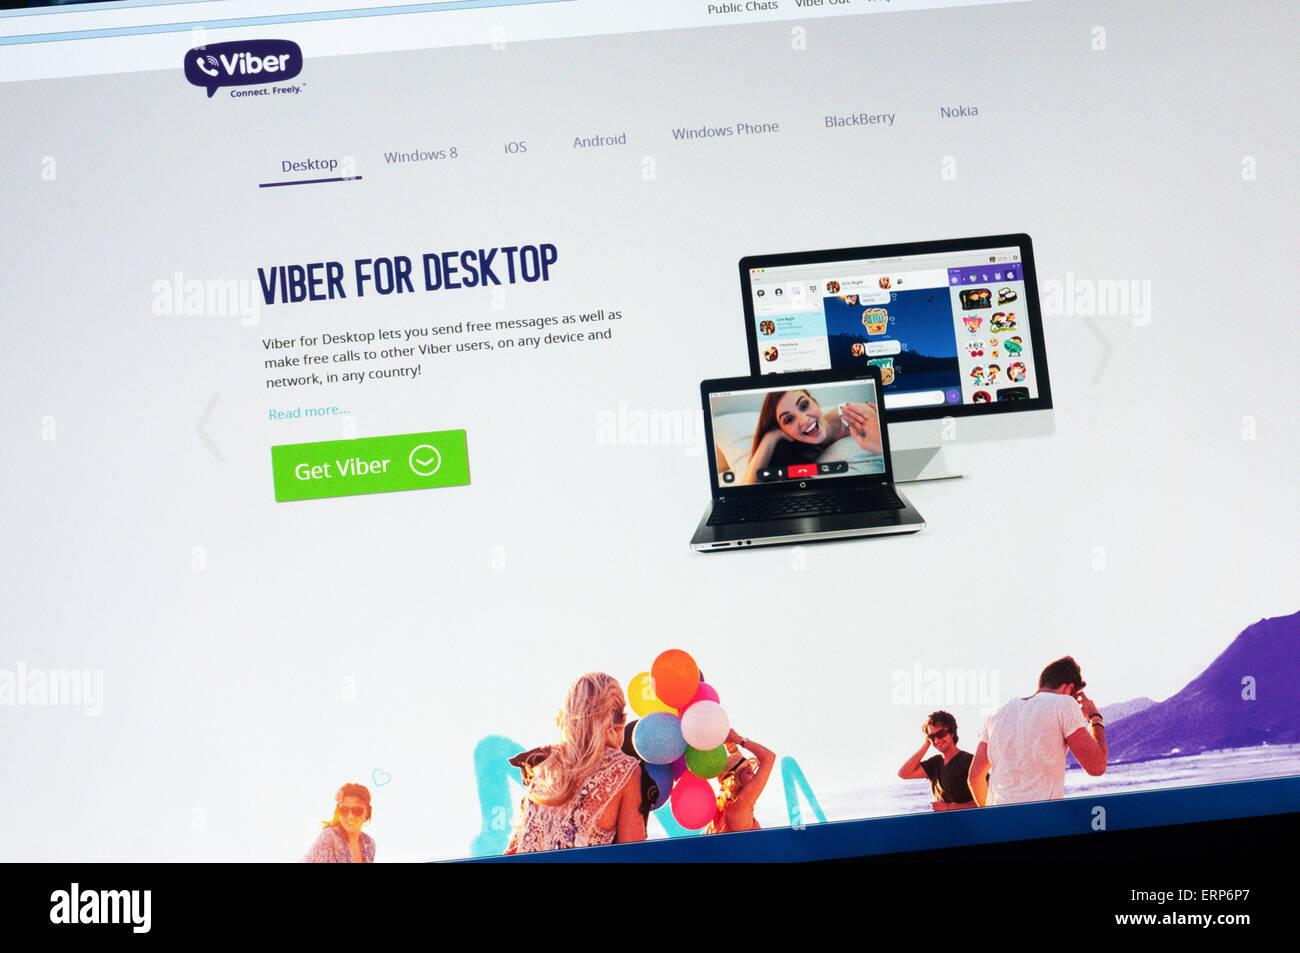 Viber pour Desktop permet aux utilisateurs d'envoyer gratuitement des messages et d'appels à d'autres Photo Stock